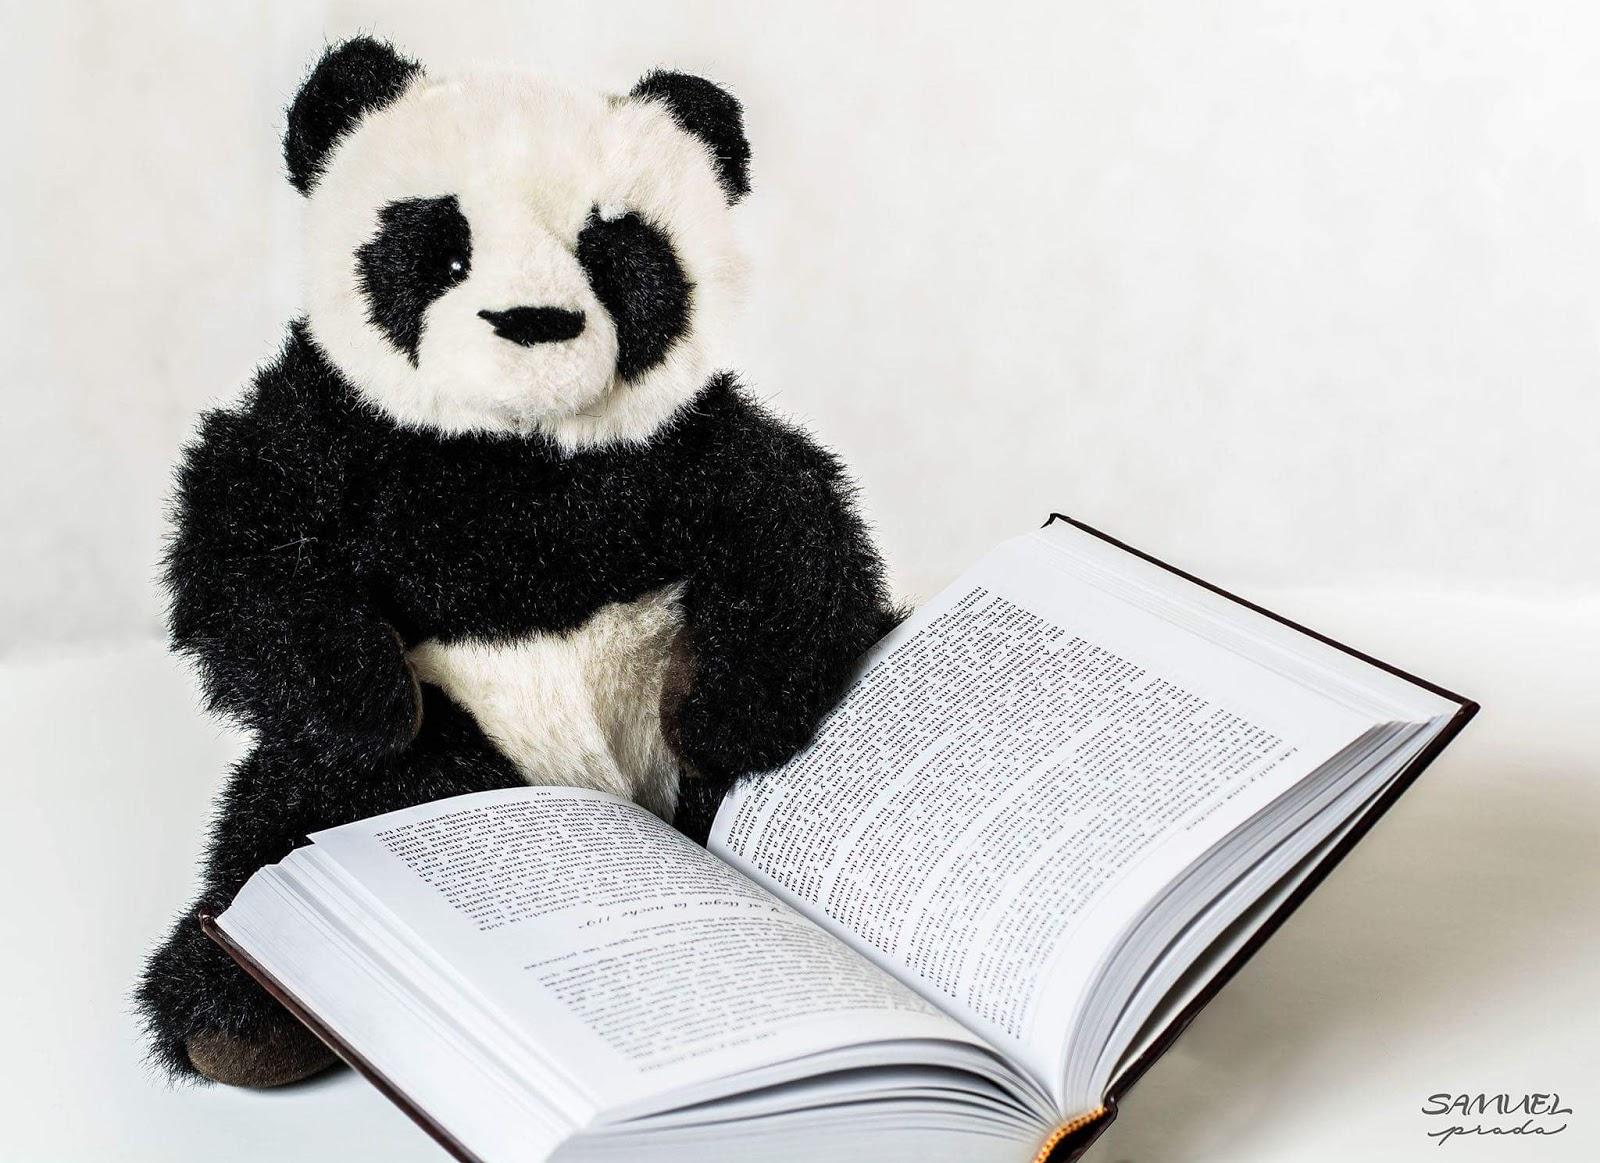 ¡Porque todos amamos a los pandas!